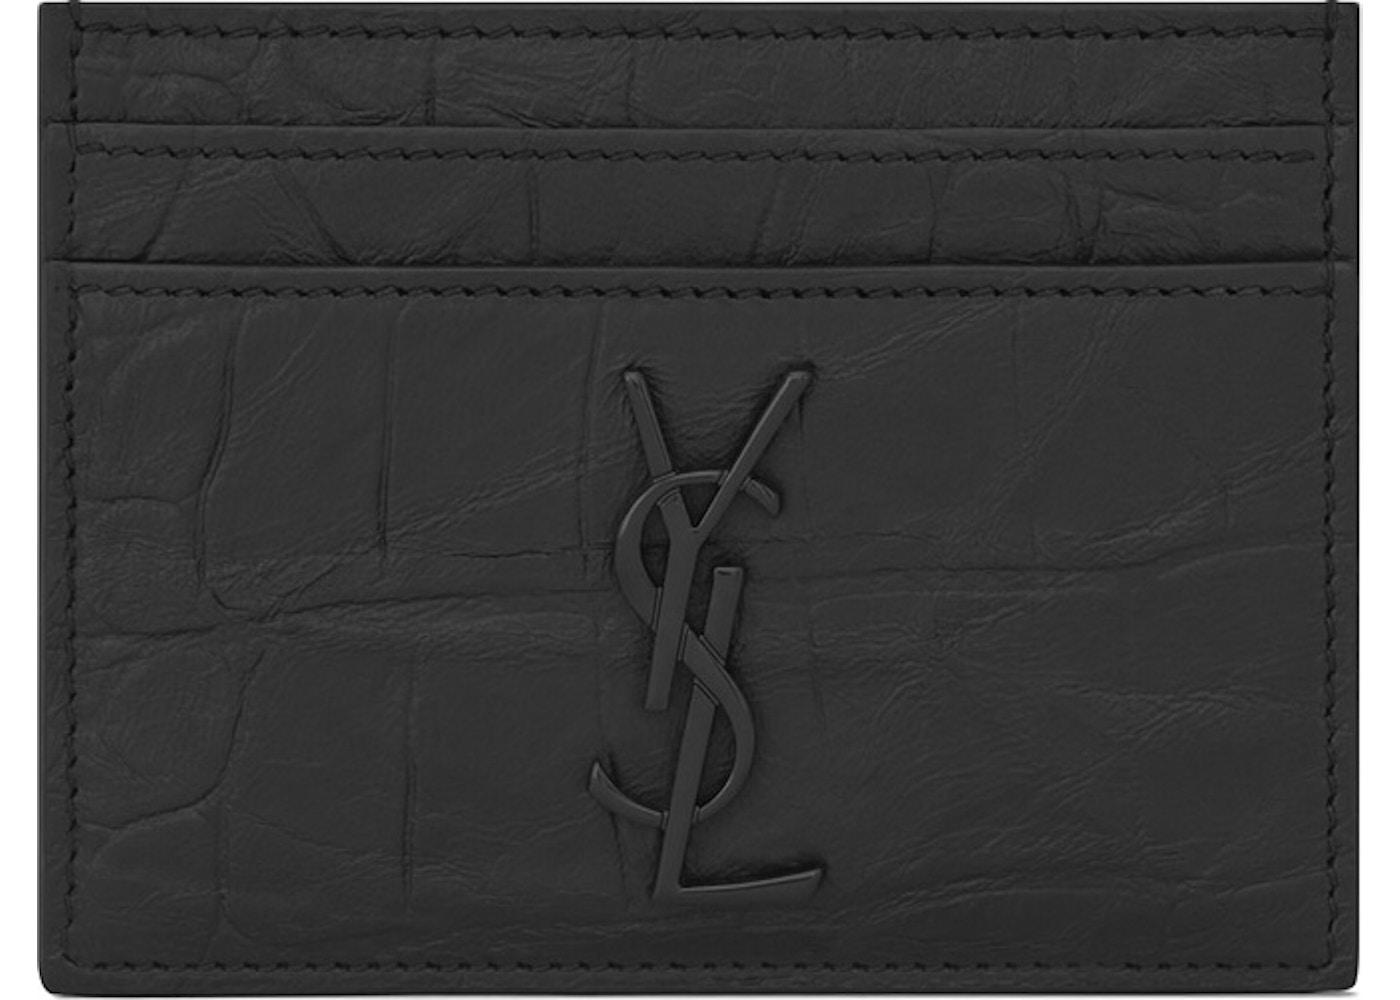 745fcc56c7f Saint Laurent Monogram Card Case Crocodile Embossed Leather Black.  Crocodile Embossed Leather Black